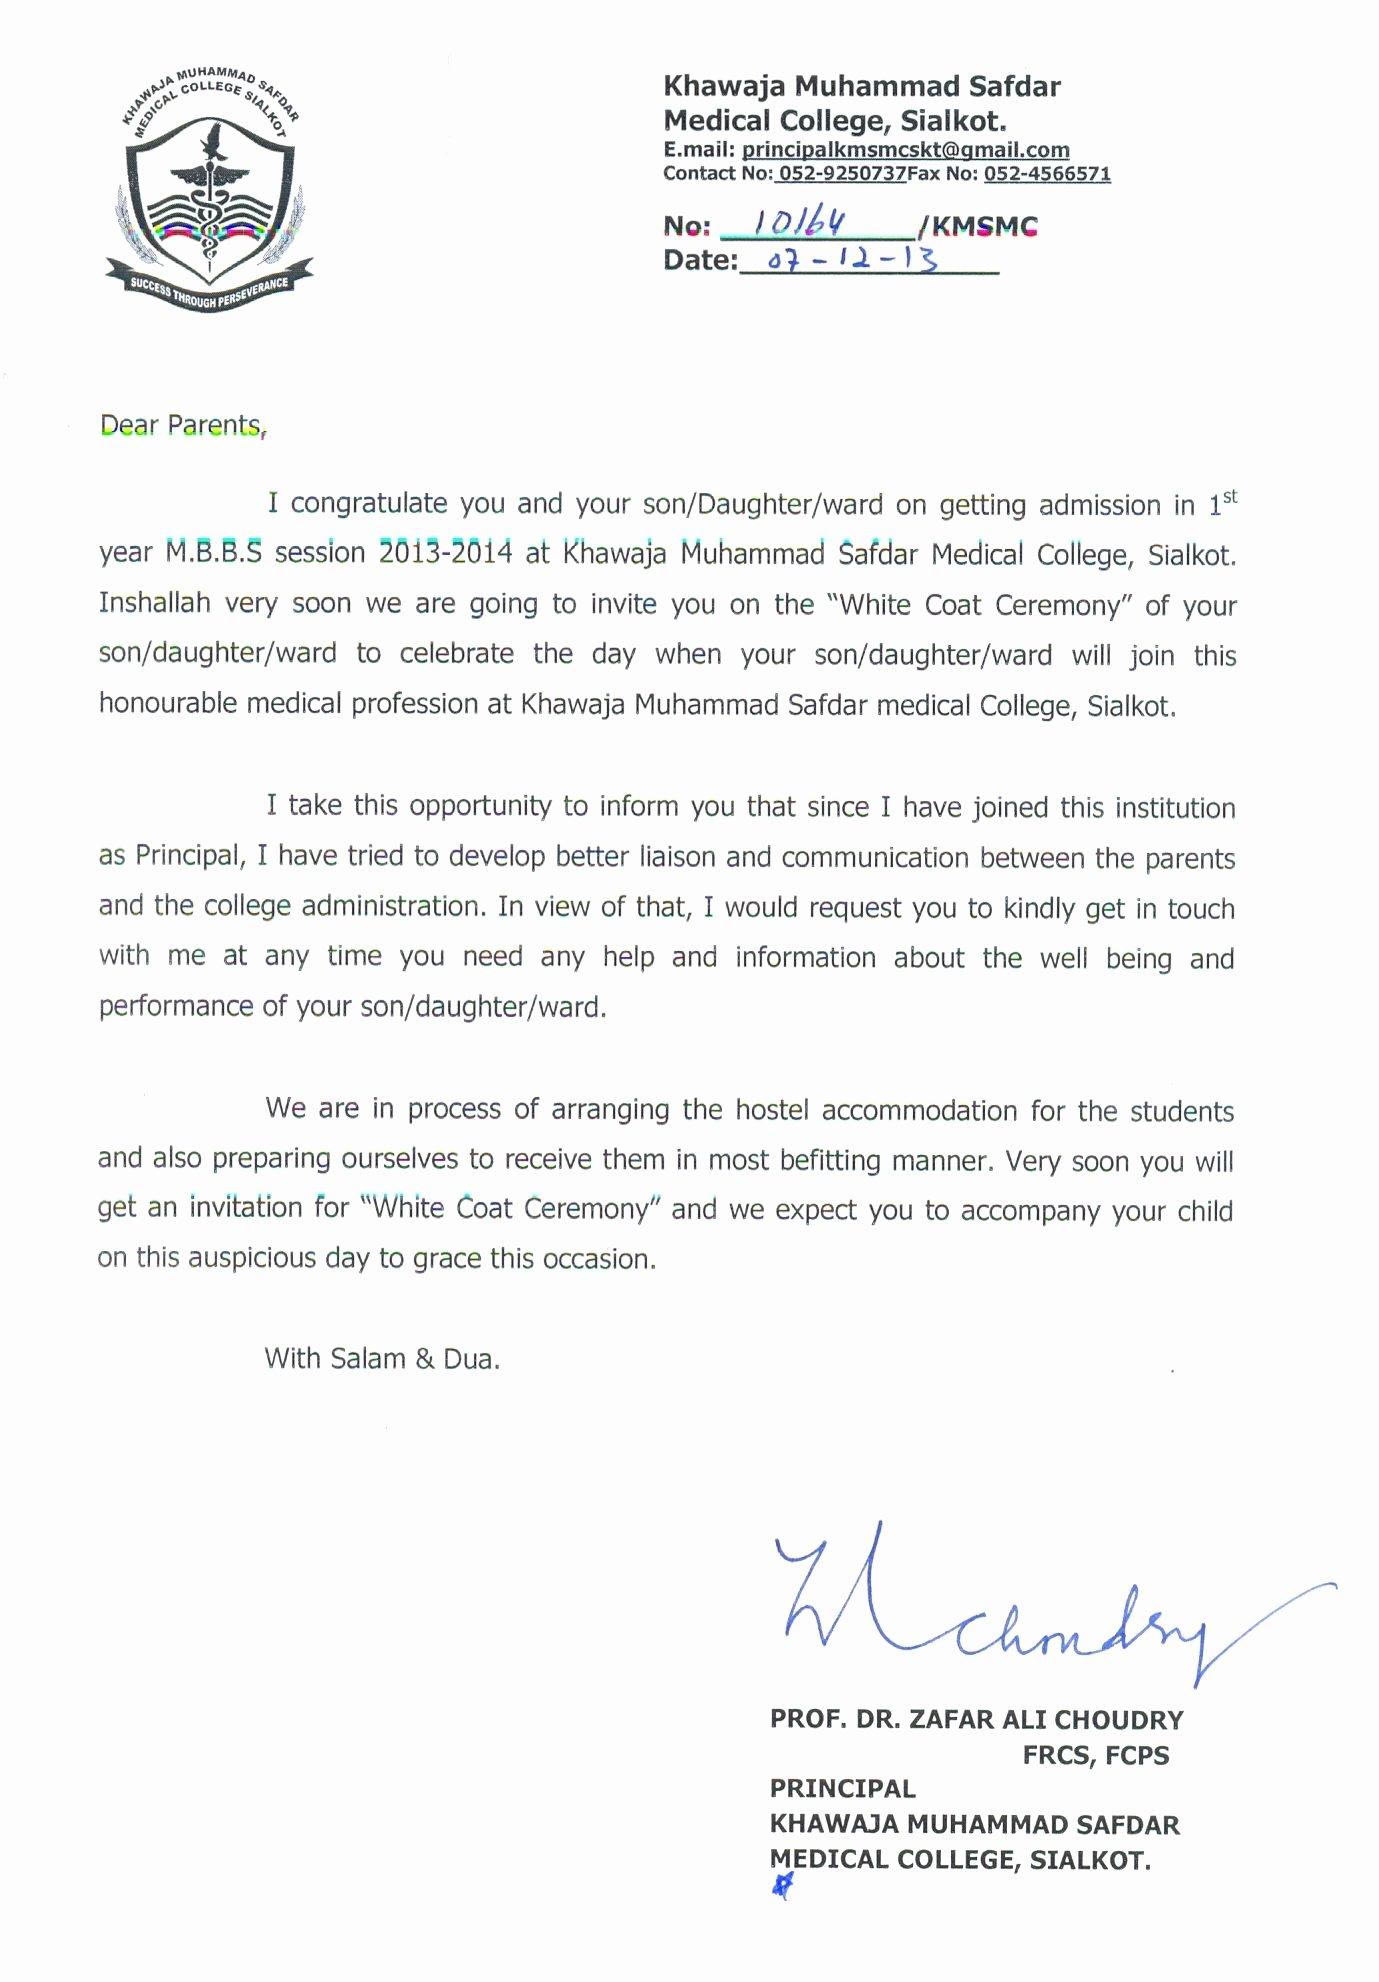 Letter Templates Letter to Parents Letter to Parents